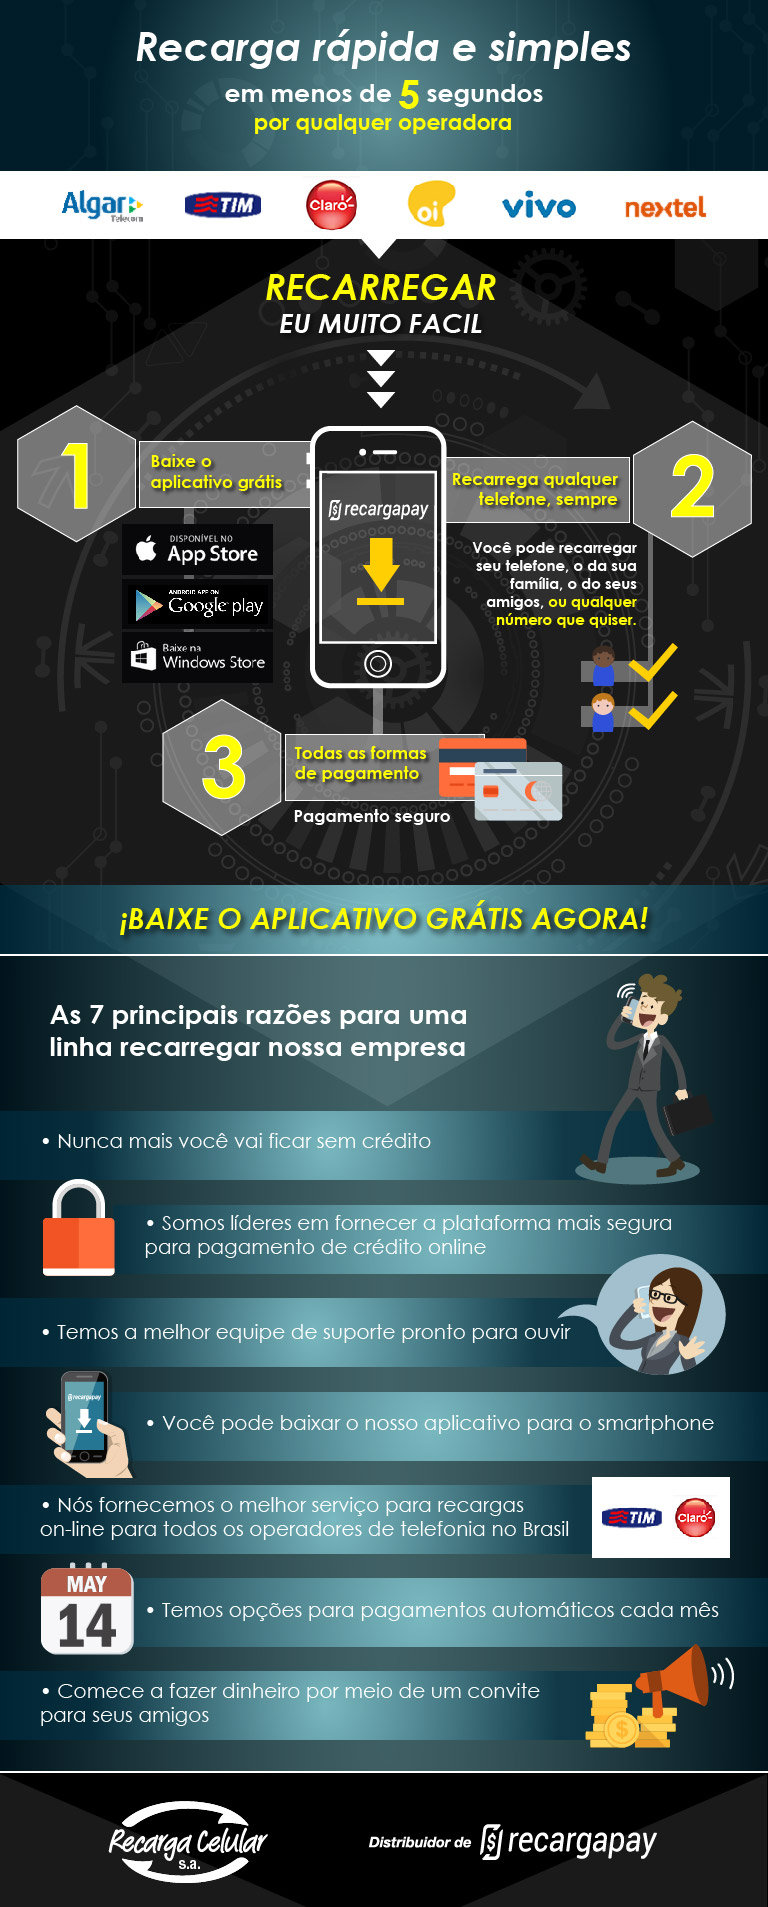 7 principais razões por que nossa plataforma é o melhor em todo o Brasil.